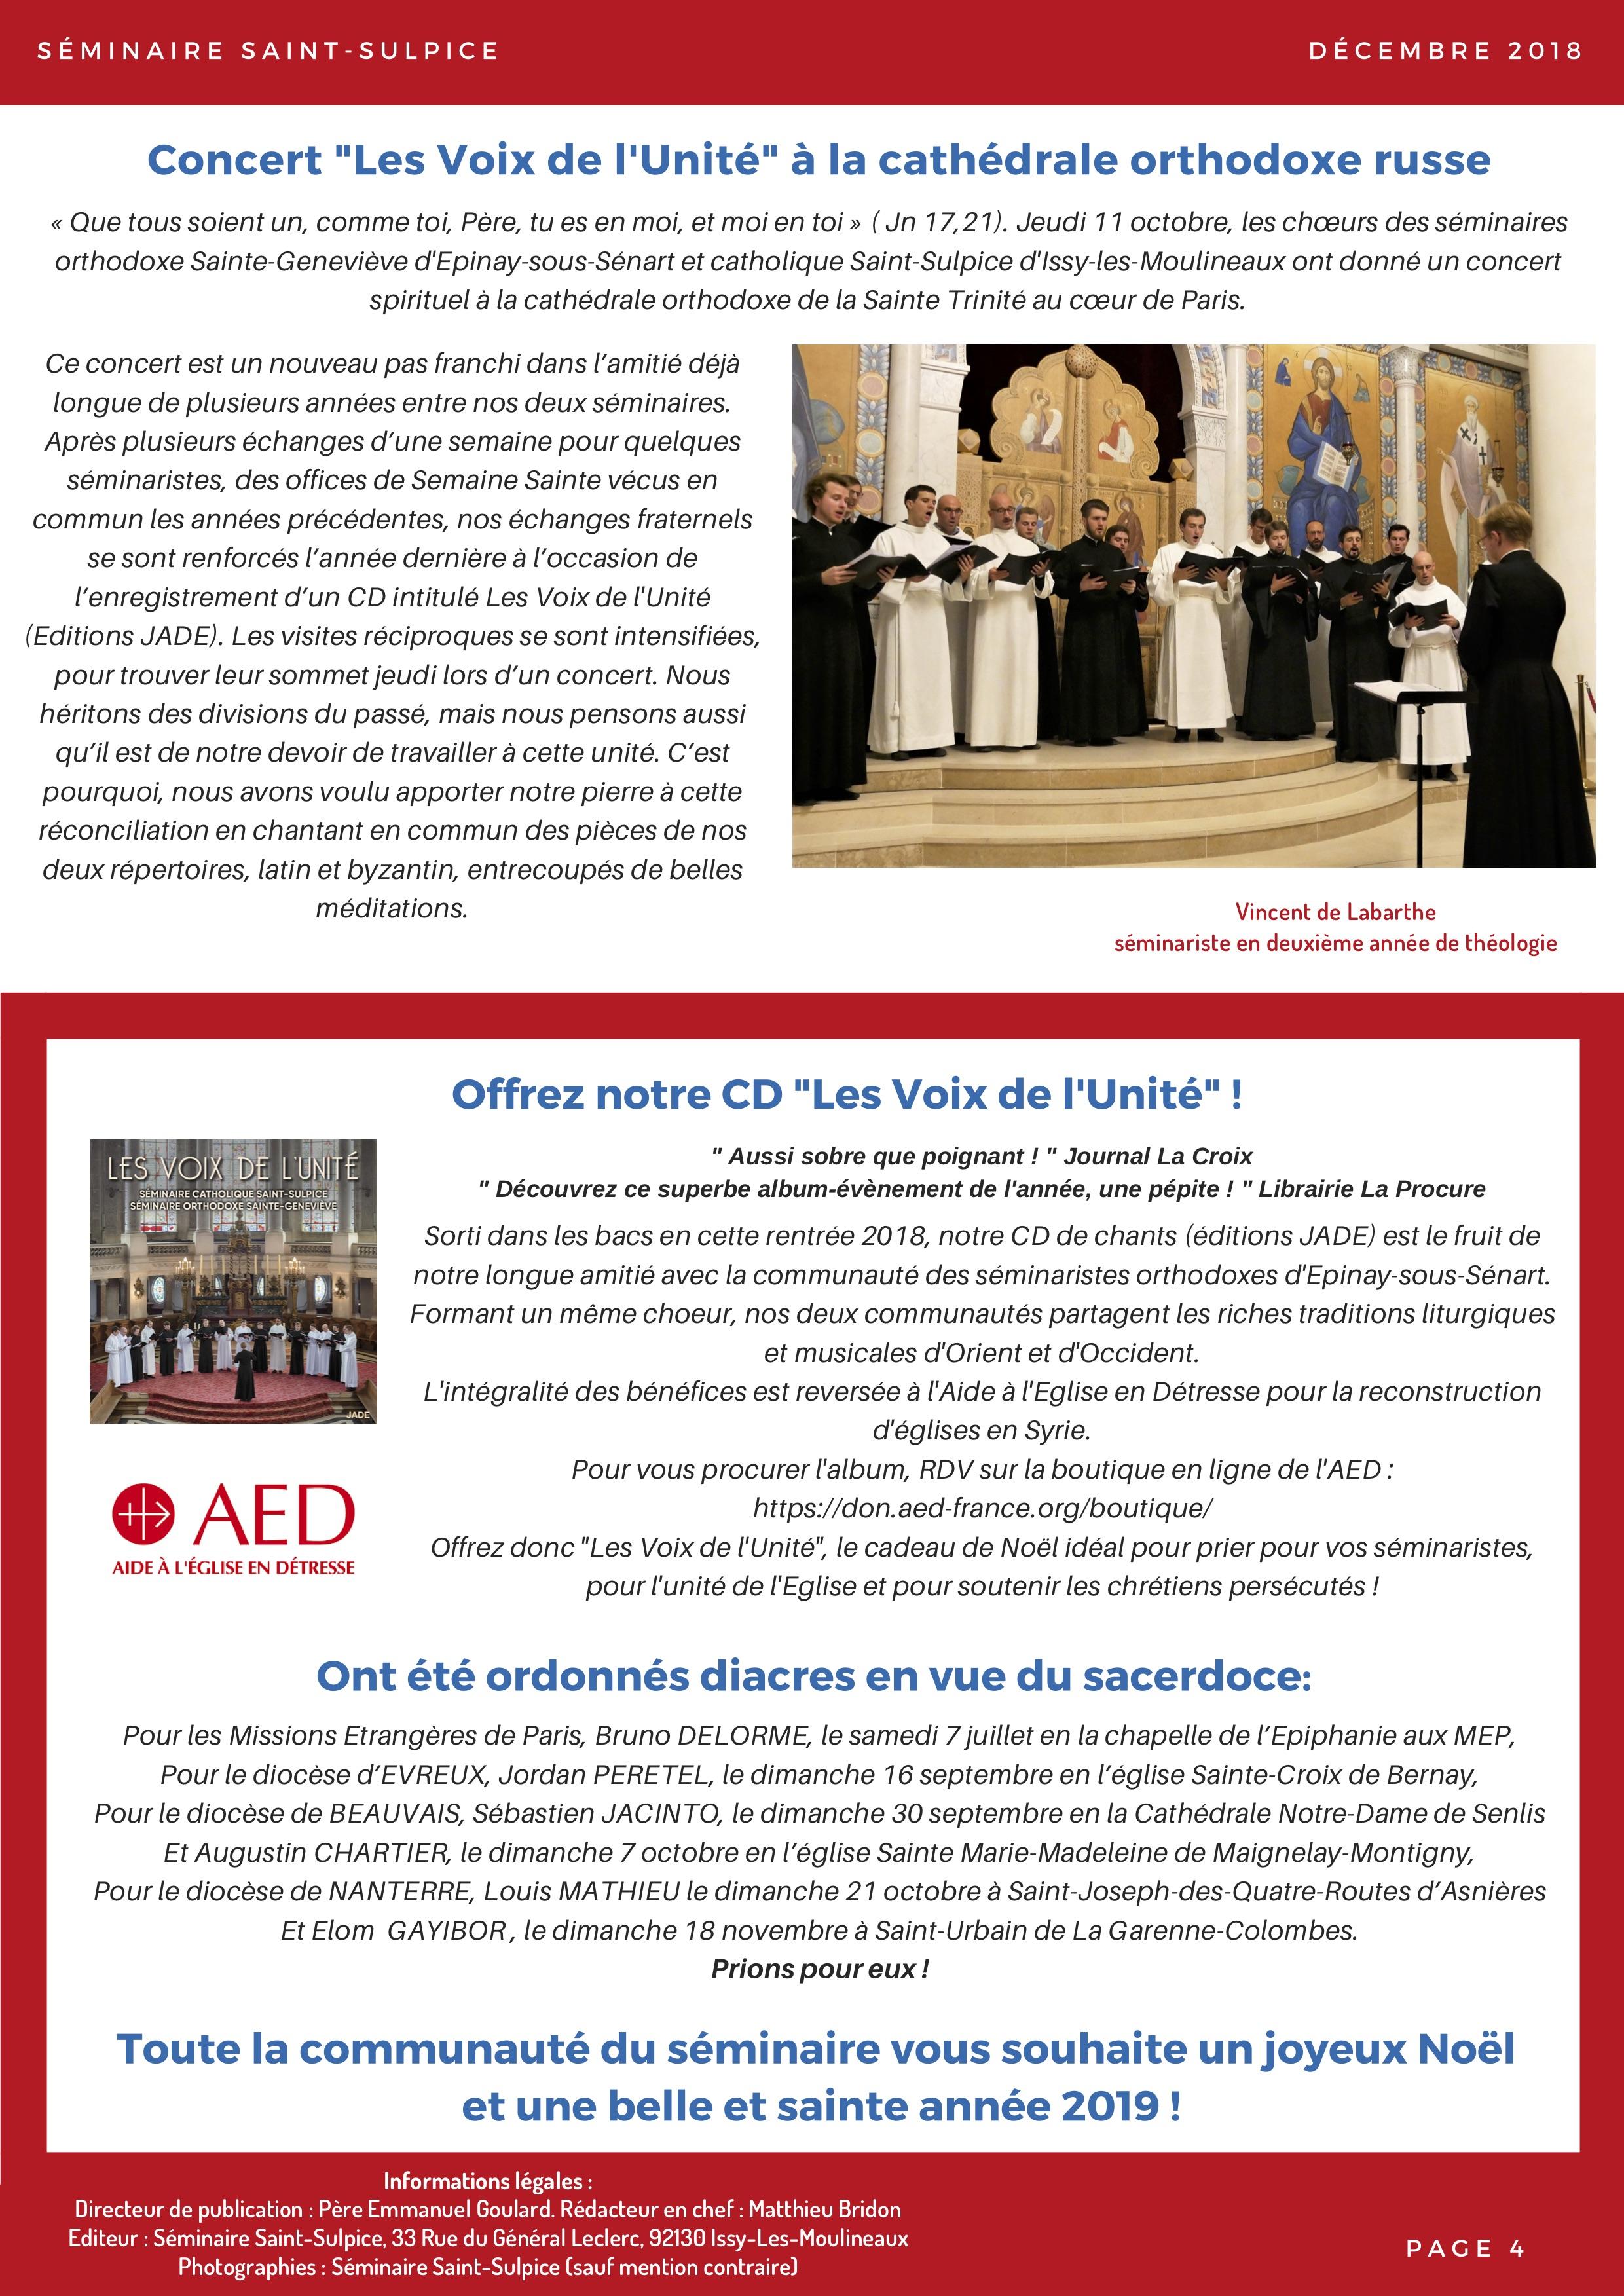 Newsletter Séminaire Saint-Sulpice décembre 2018 - p4